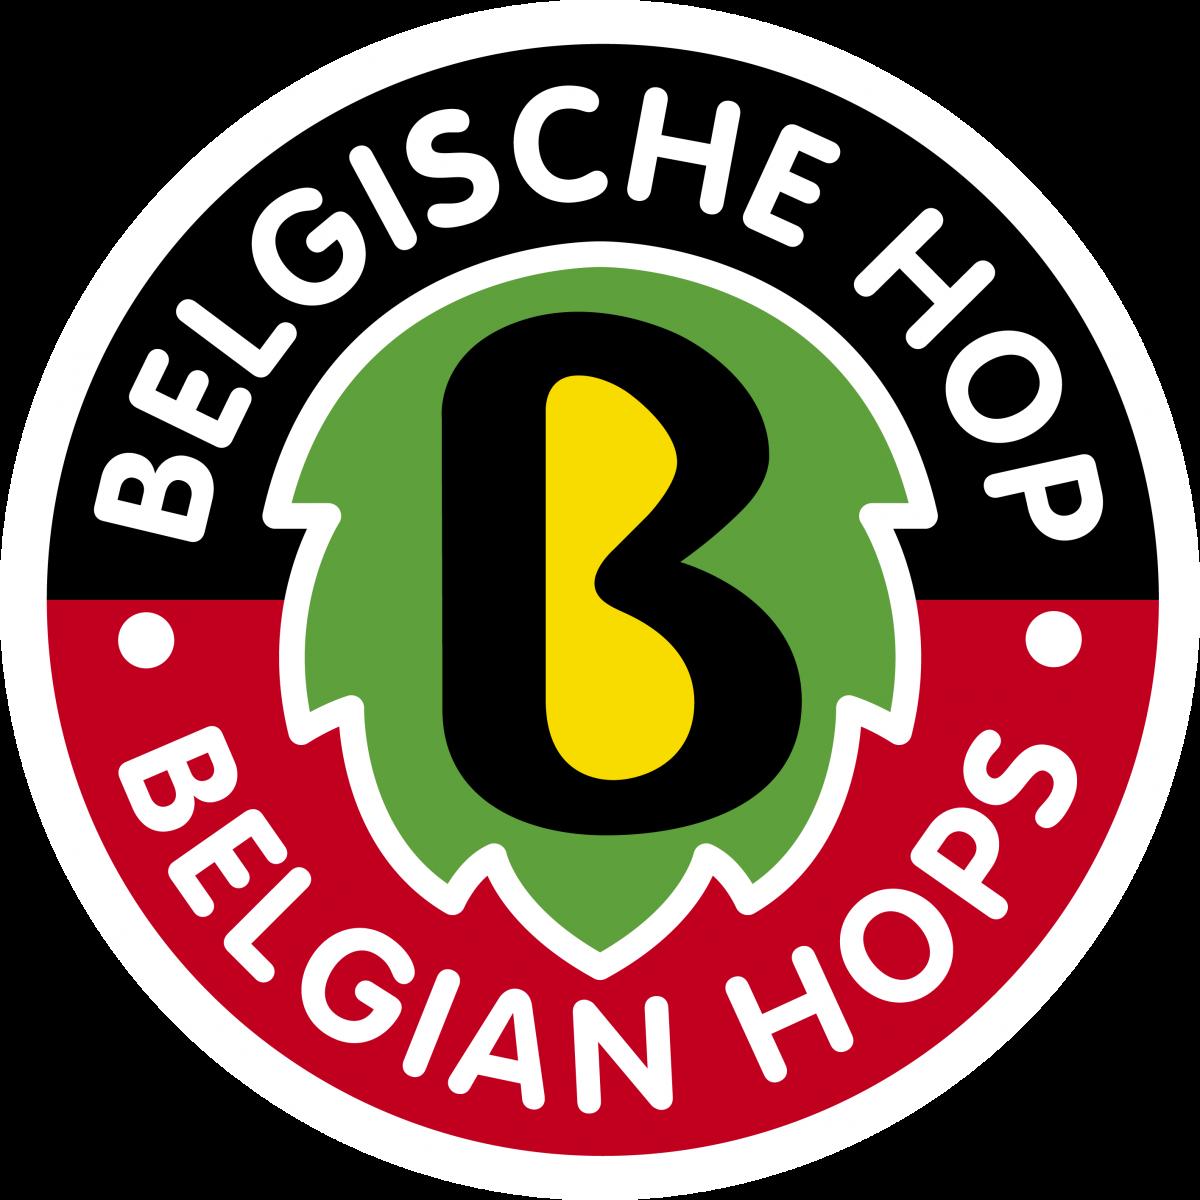 Minstens 50% Belgische hop